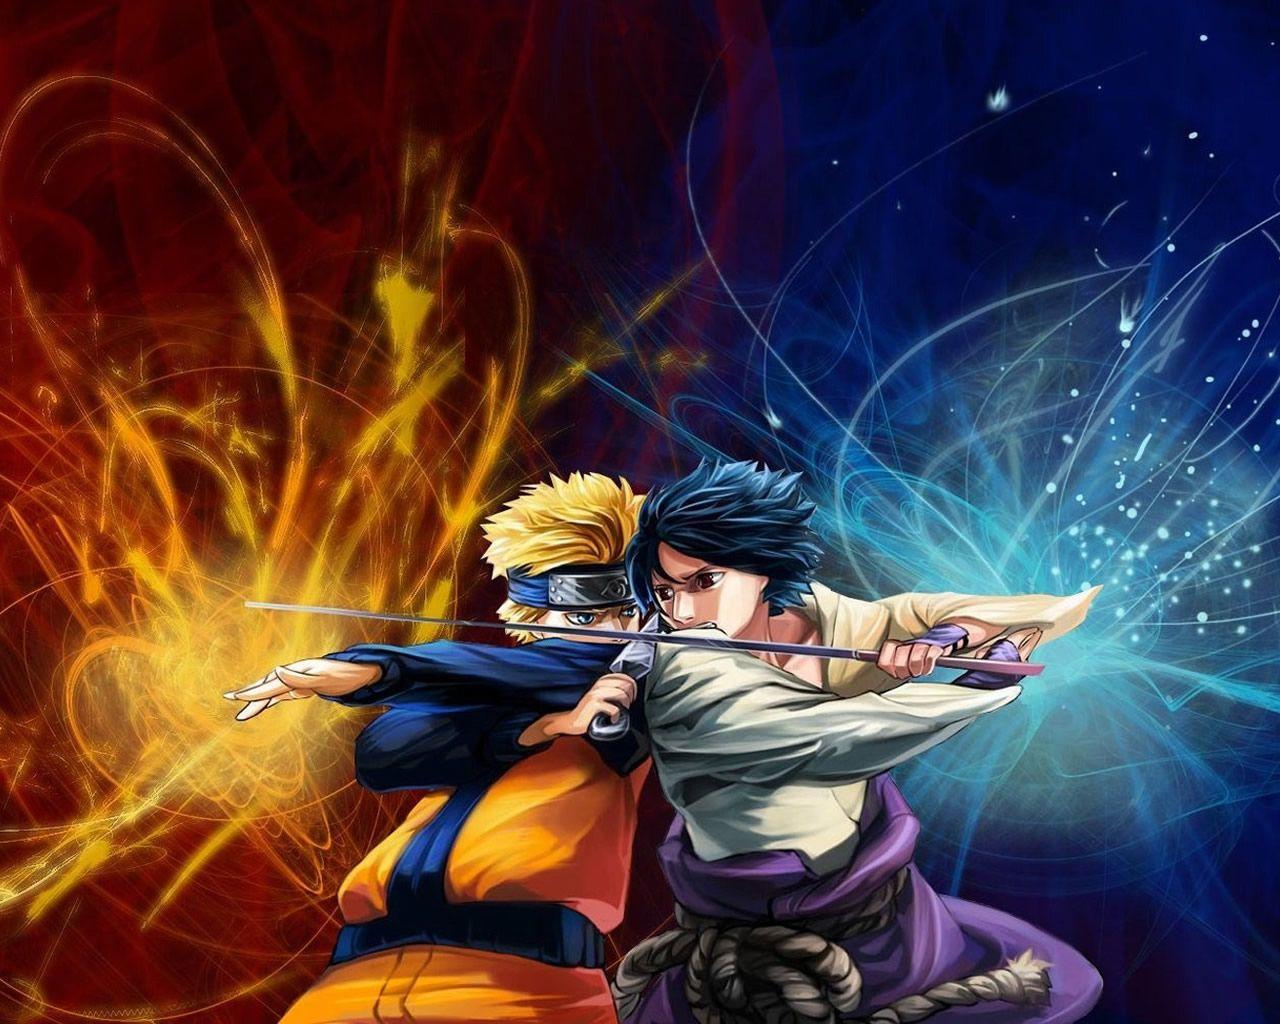 Naruto Vs Sasuke Wallpaper 1280 1024 0207 Naruto And Sasuke